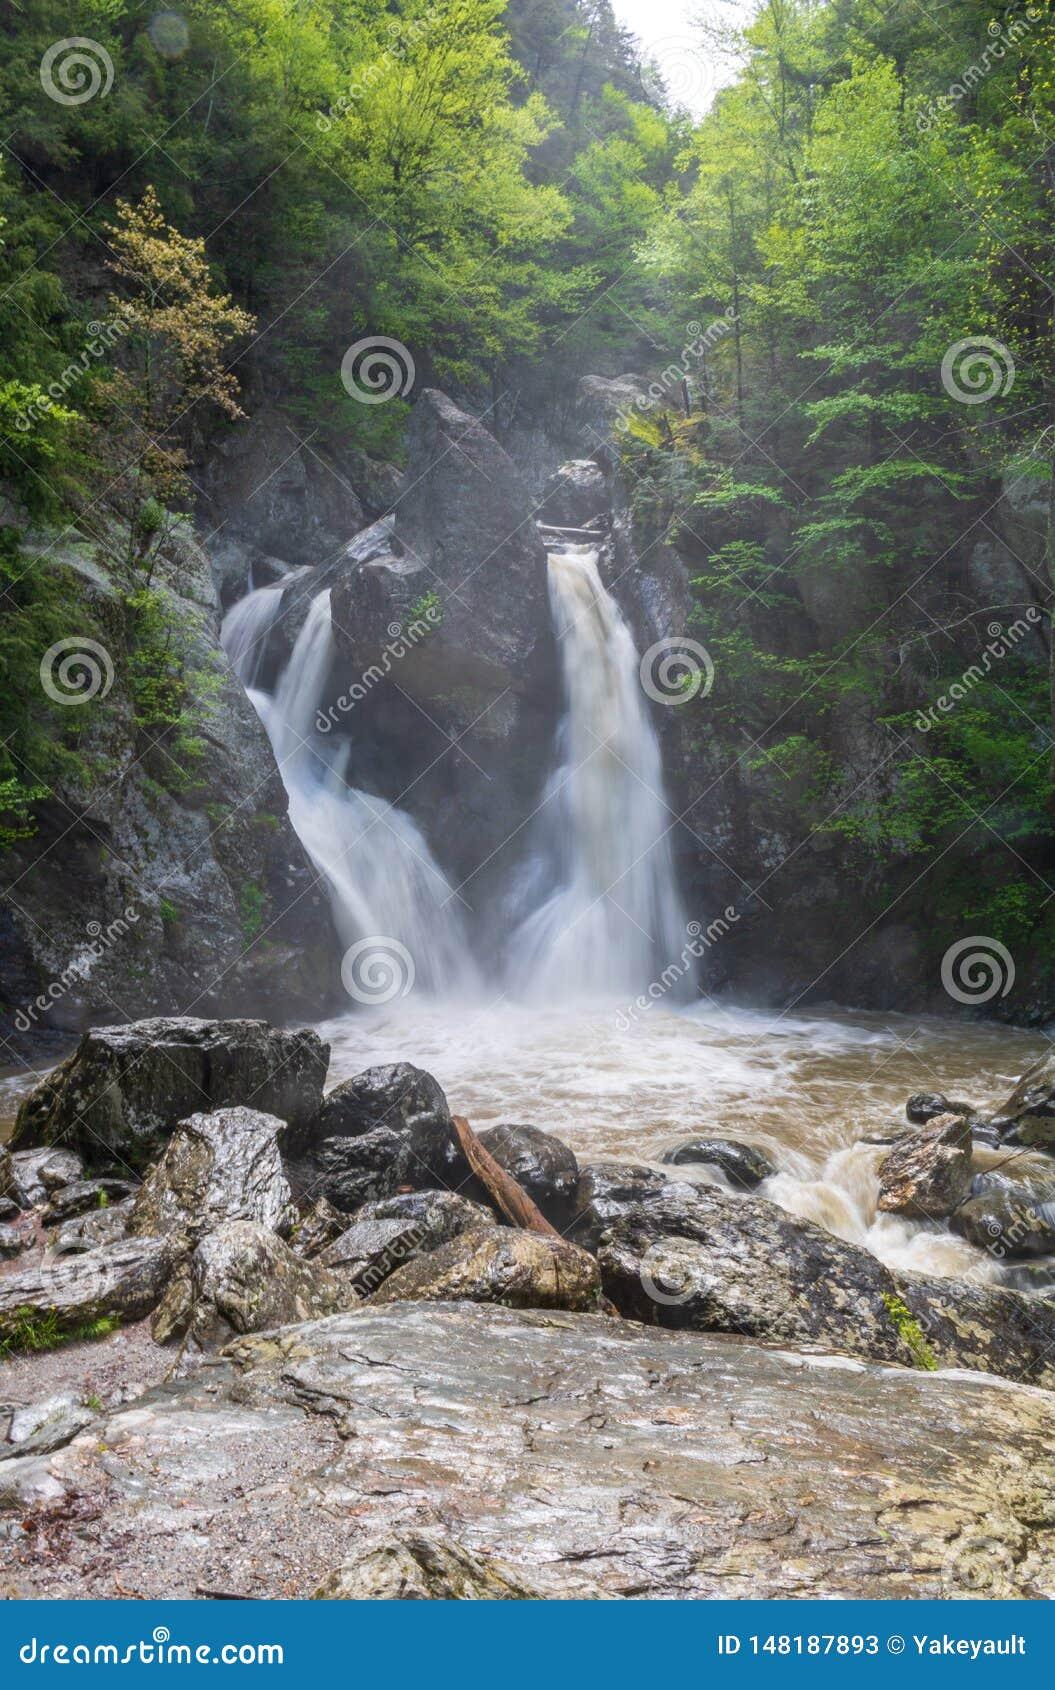 Vertical image of Bish Bash Falls